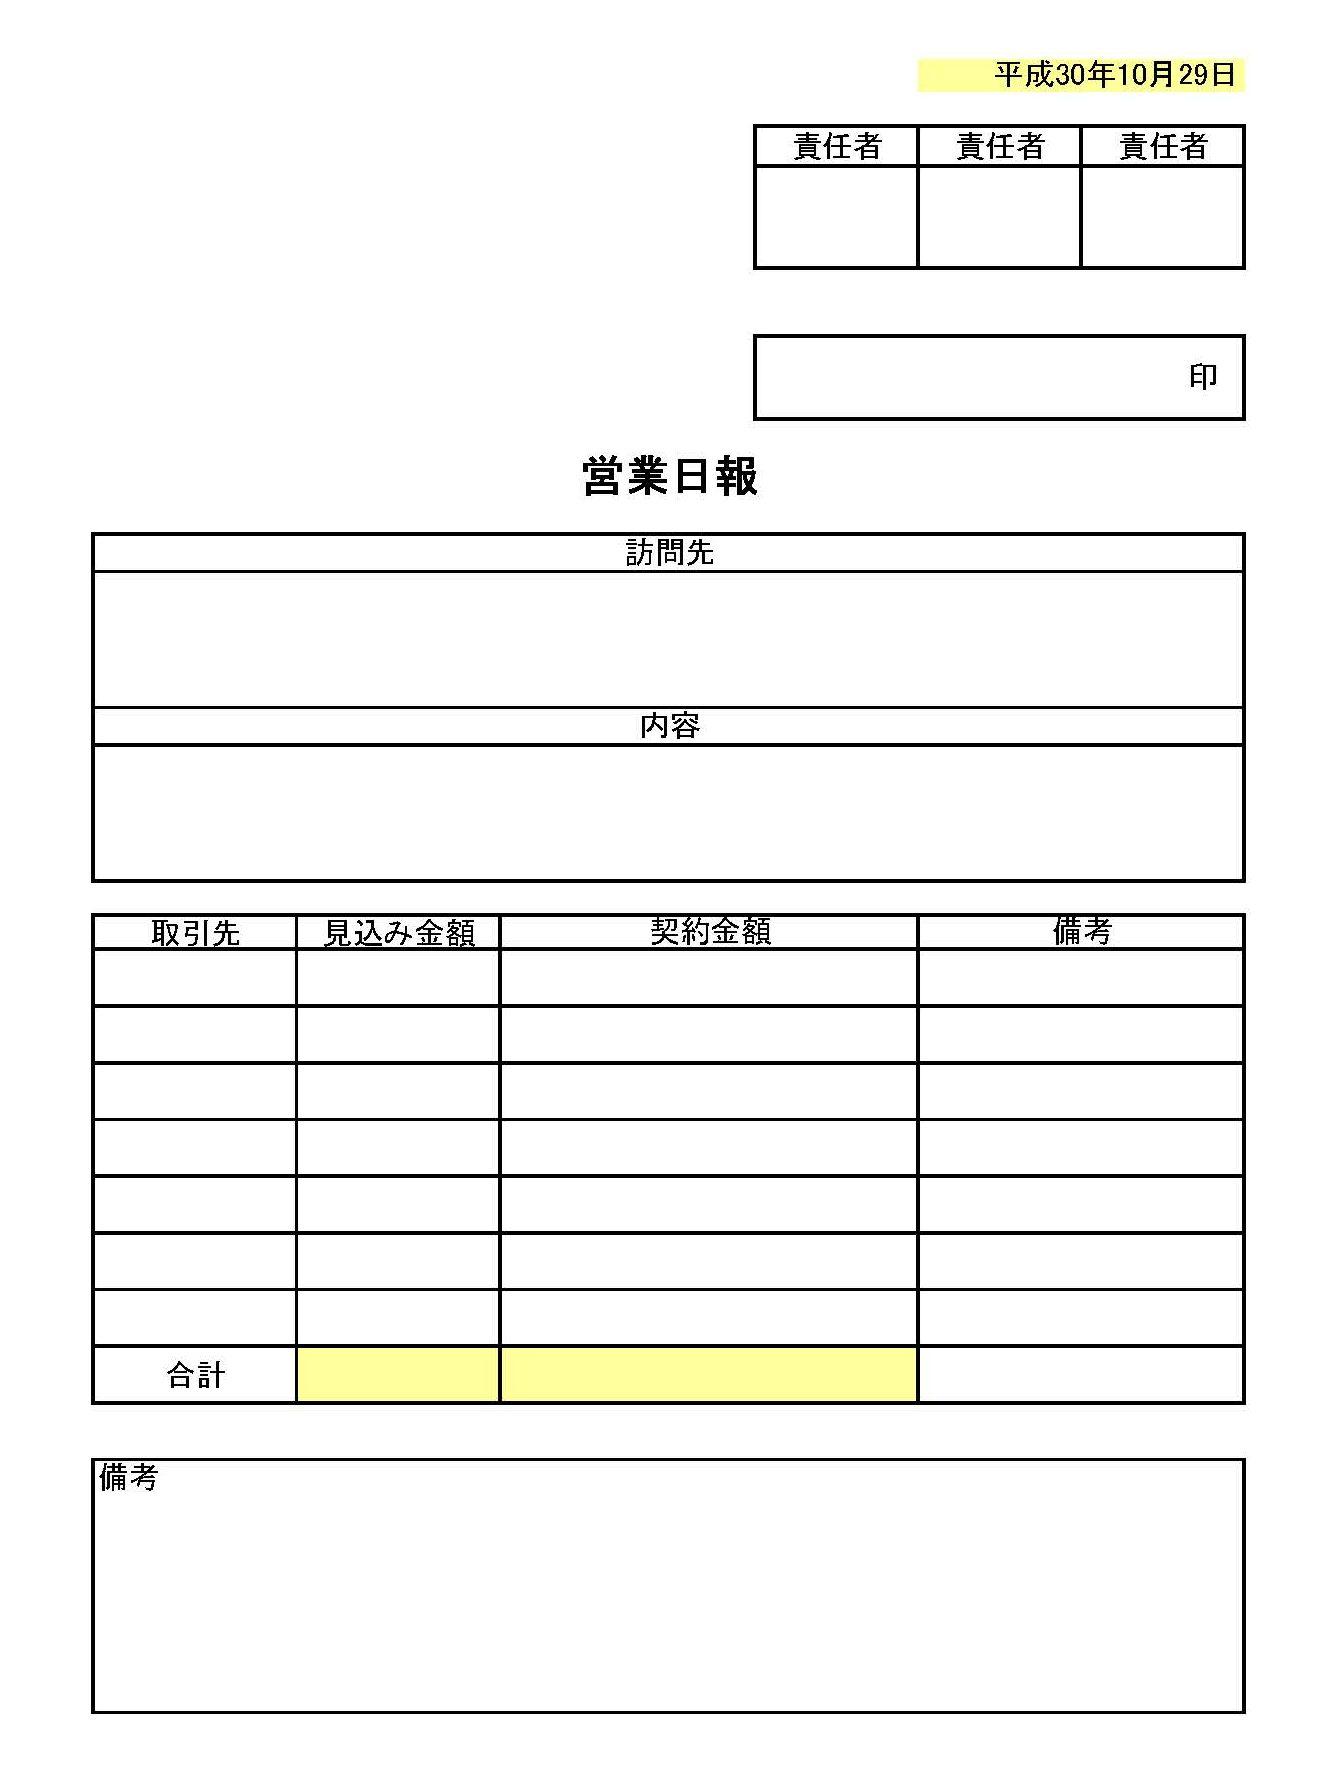 営業日報01